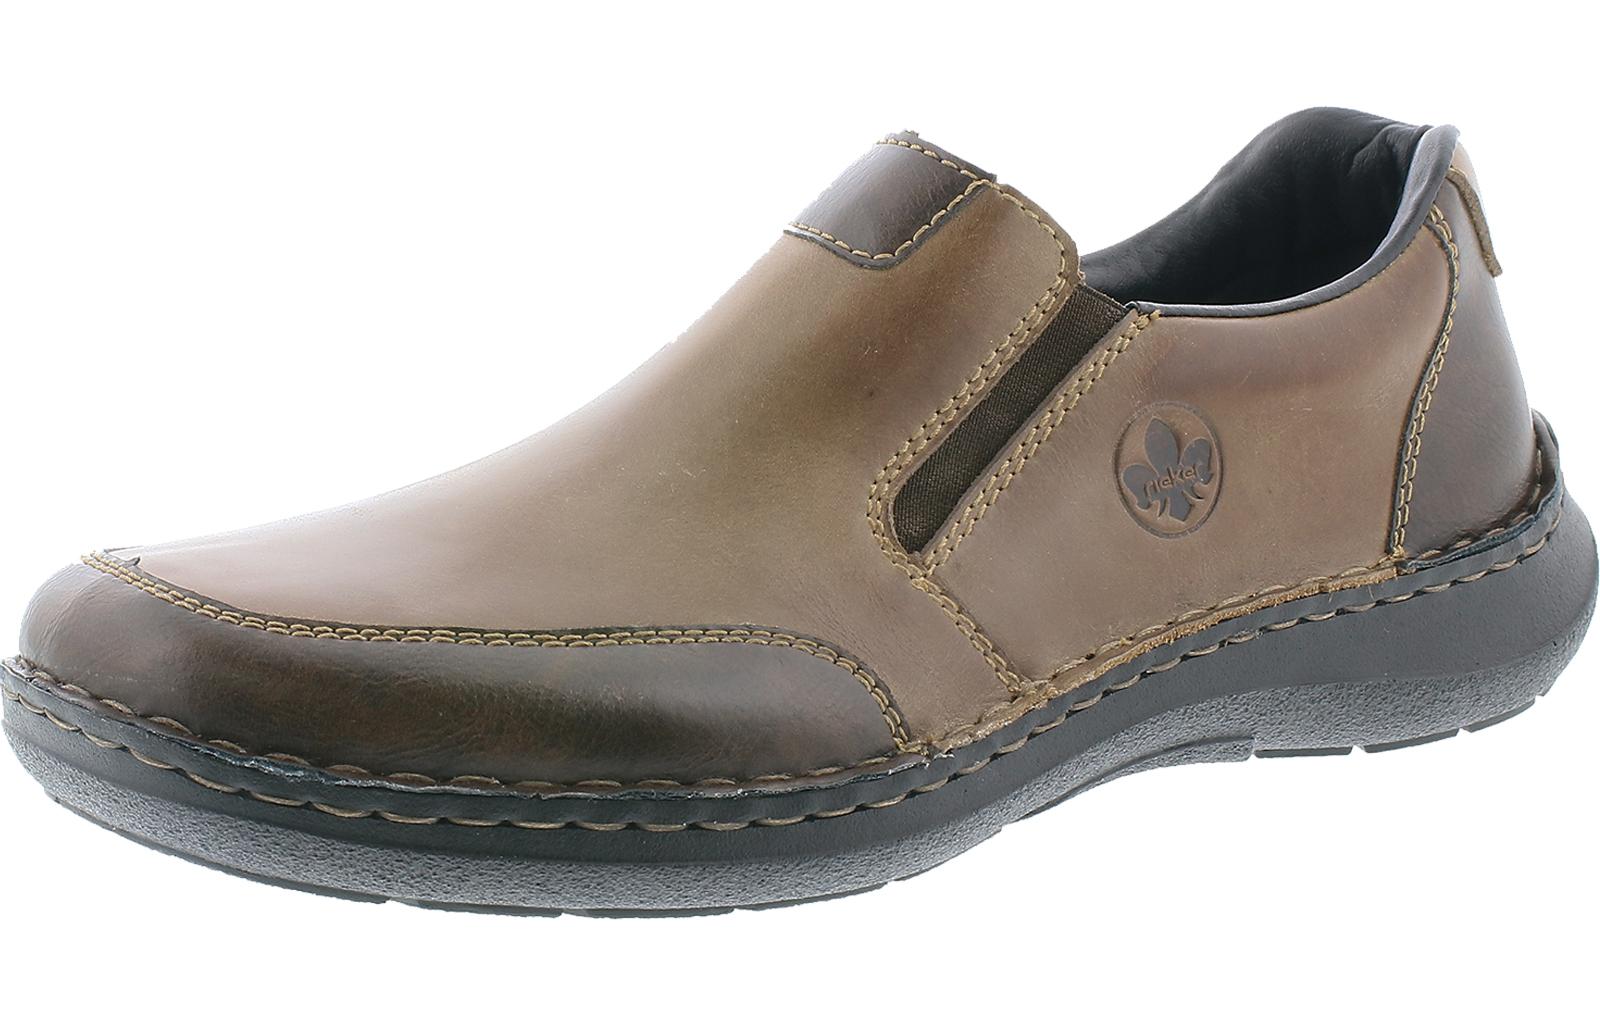 handelshof rieker sandalen